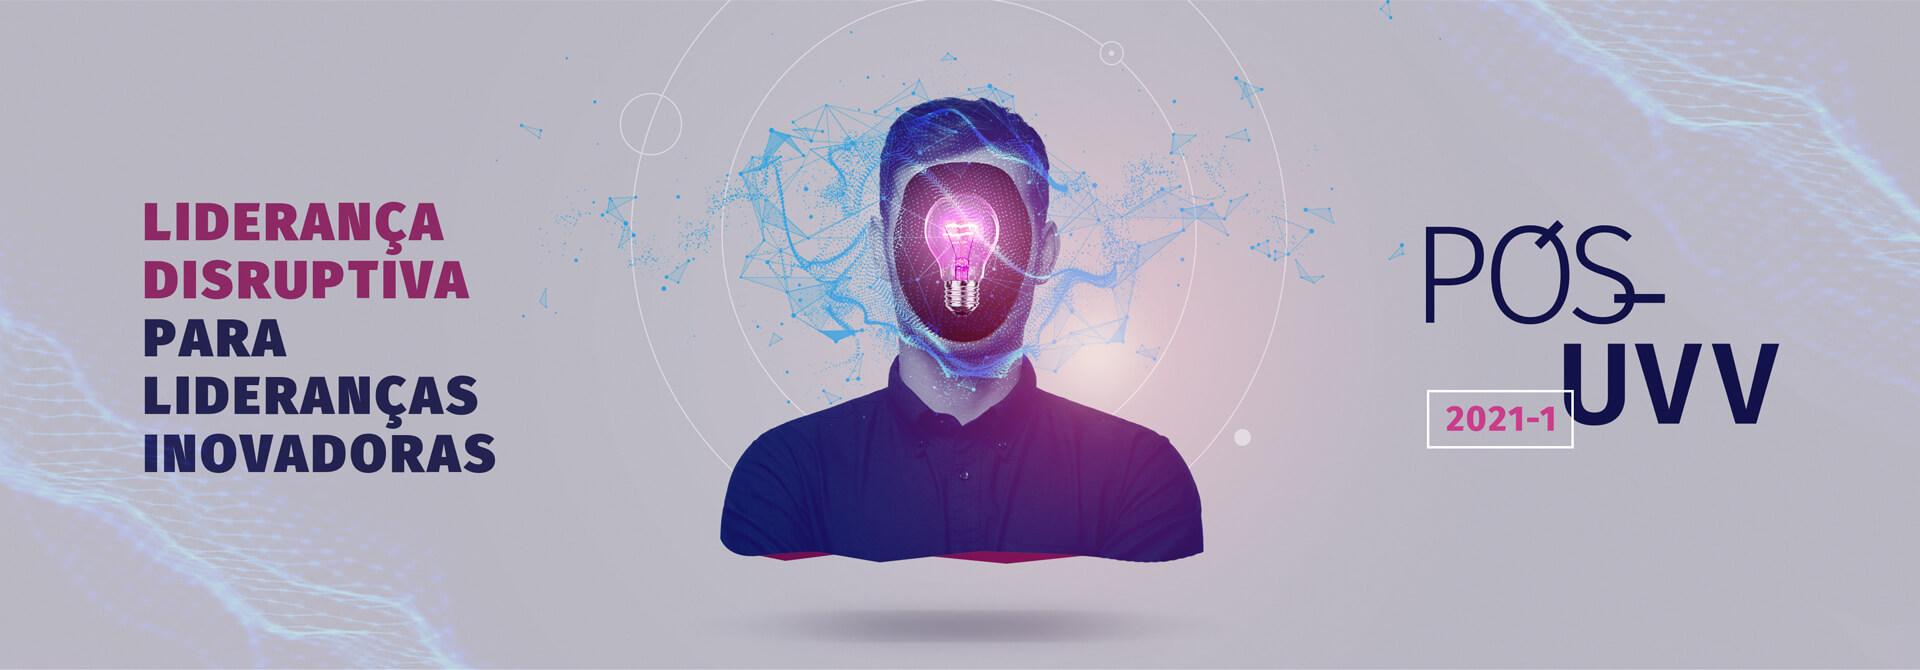 Faça Pós-Graduação em Liderança Disruptiva para Lideranças Inovadoras